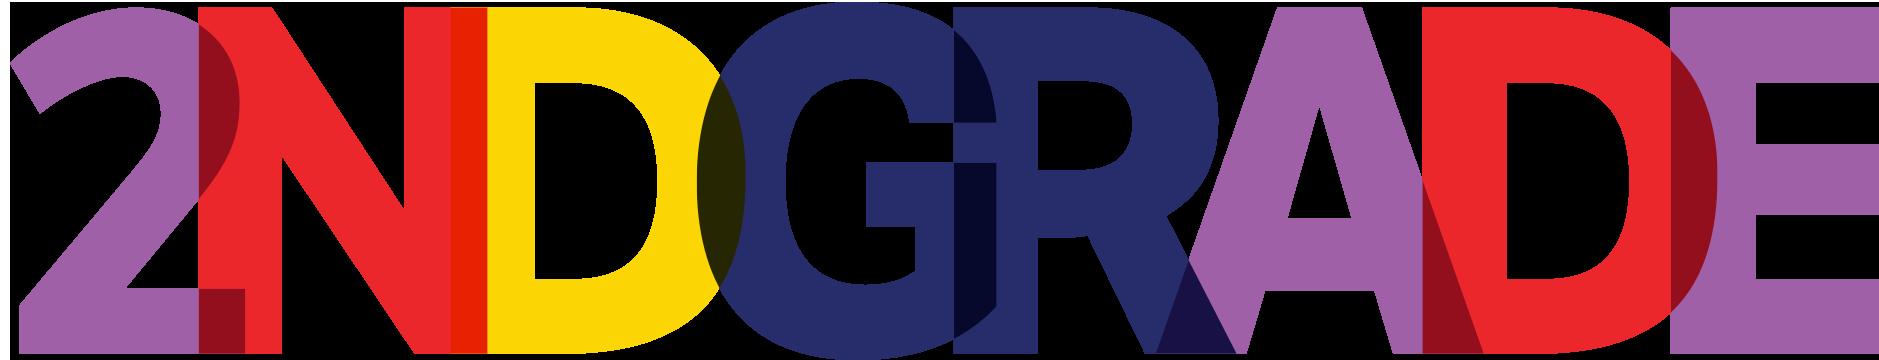 Newsletter clipart 2nd grade, Newsletter 2nd grade Transparent FREE for  download on WebStockReview 2020